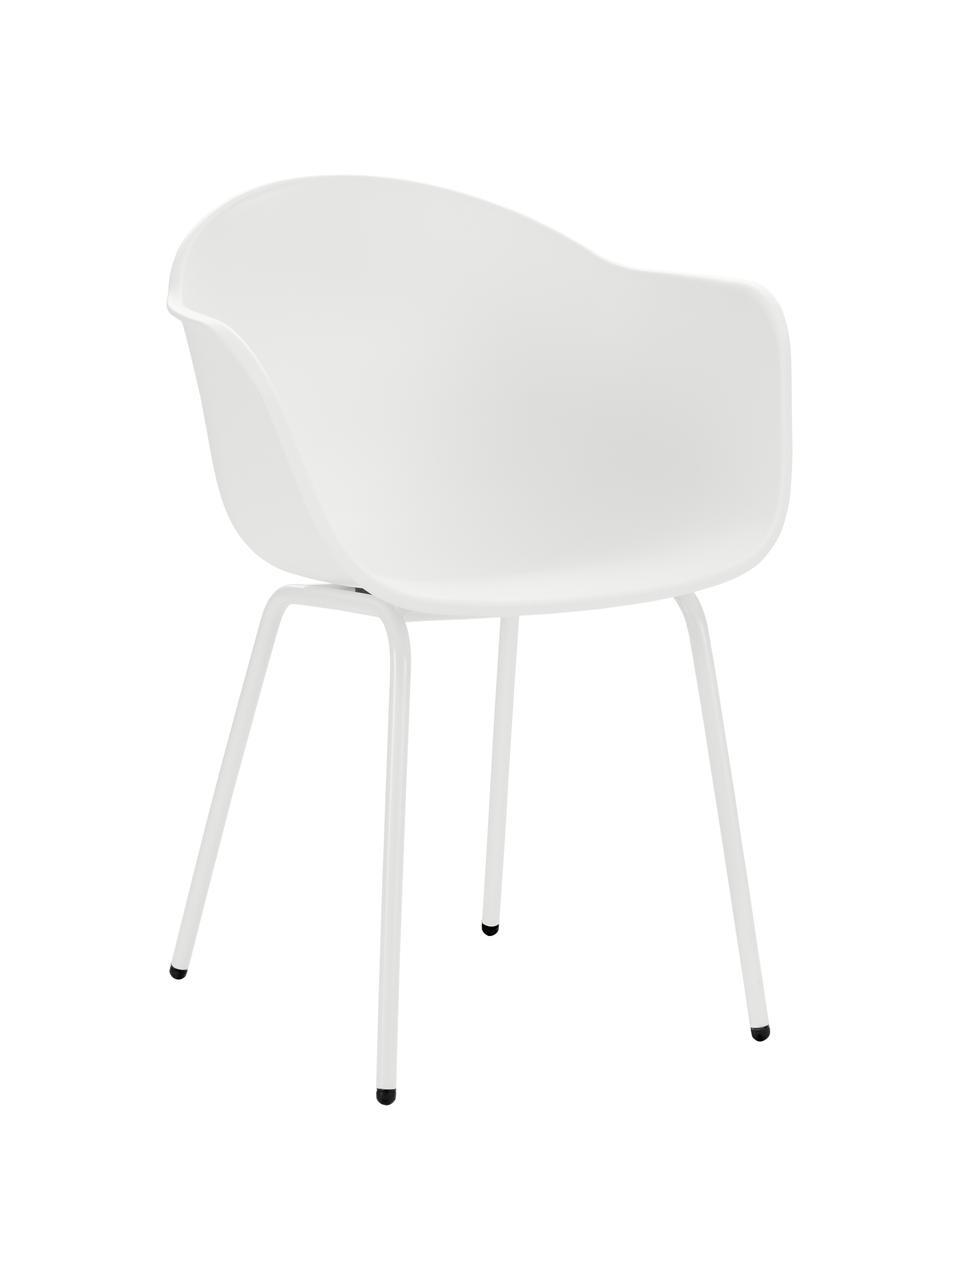 Krzesło ogrodowe Claire, Nogi: metal malowany proszkowo, Biały, S 60 x G 54 cm